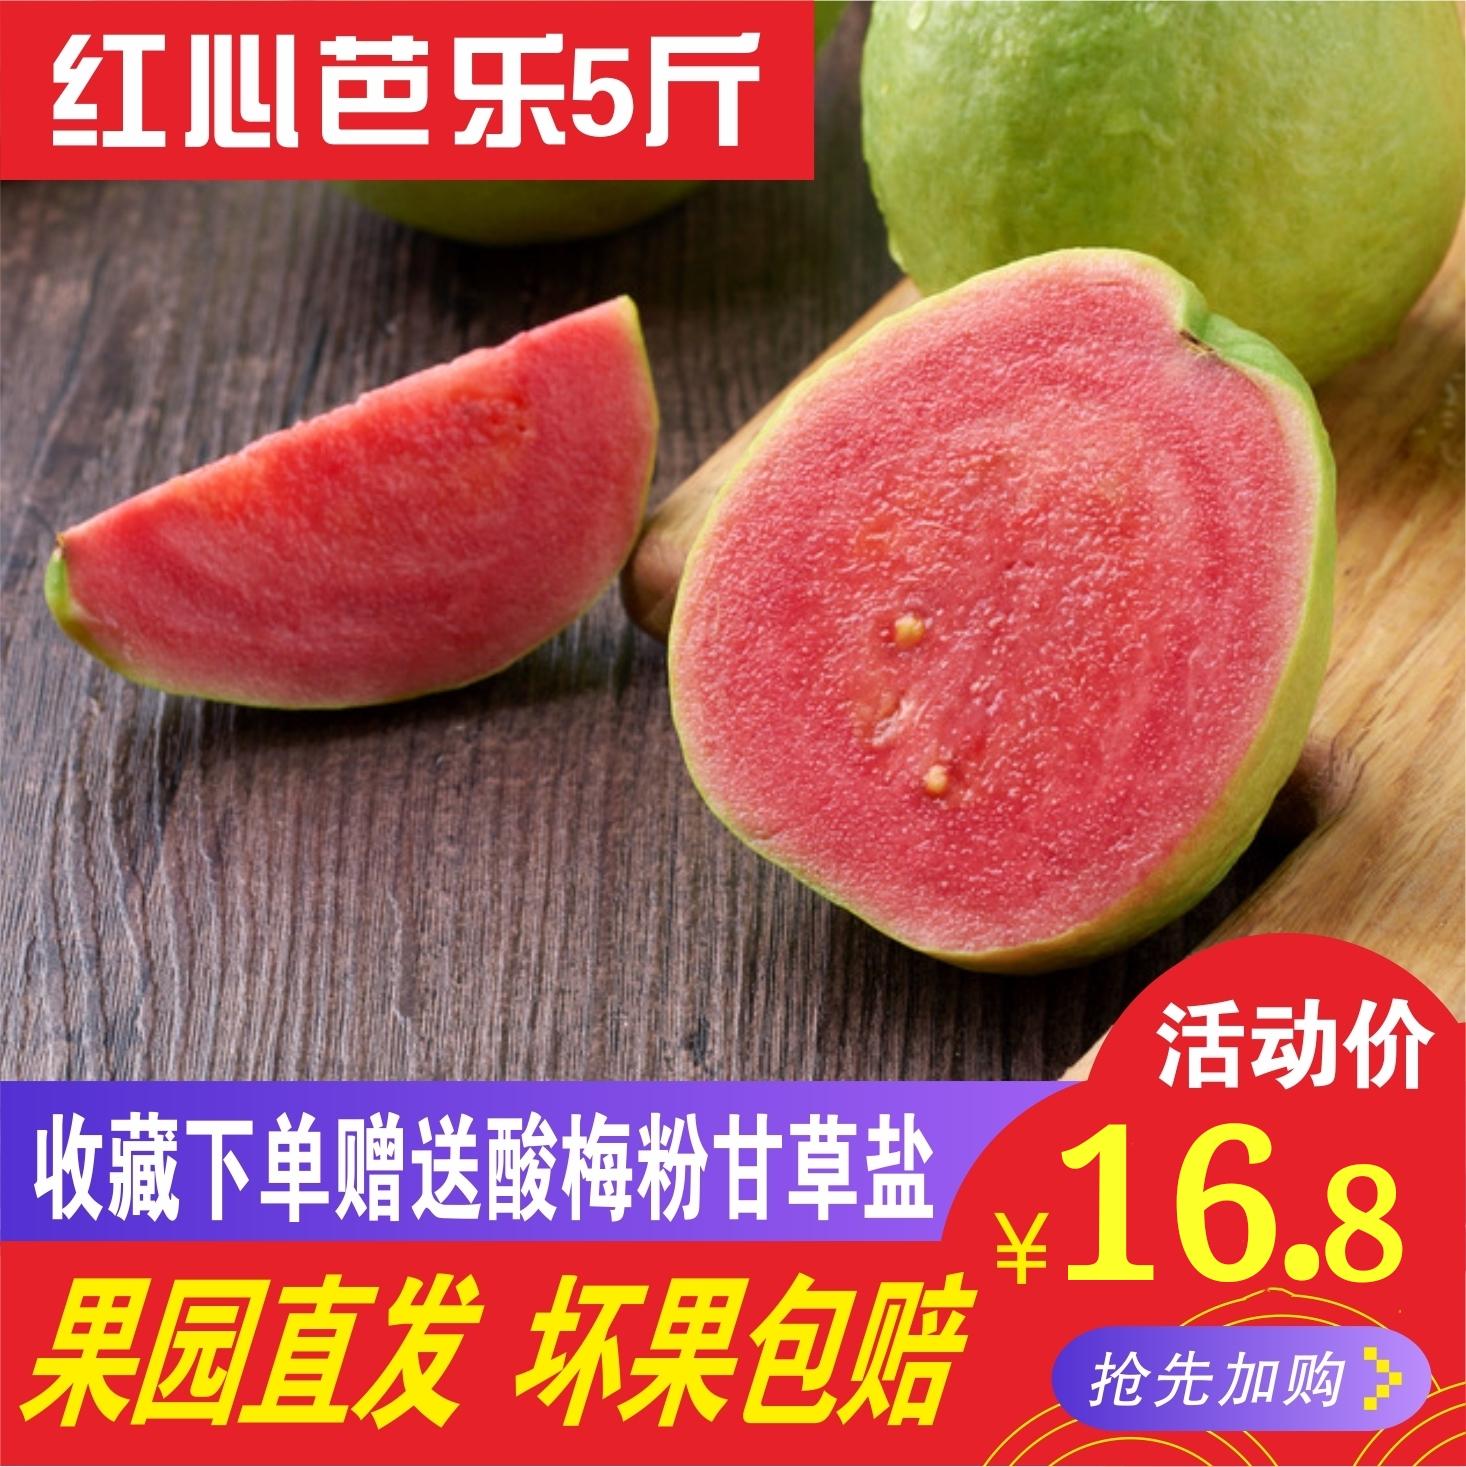 台湾红心番石榴新鲜水果特产胭脂红潘石榴5斤装现摘现发包邮